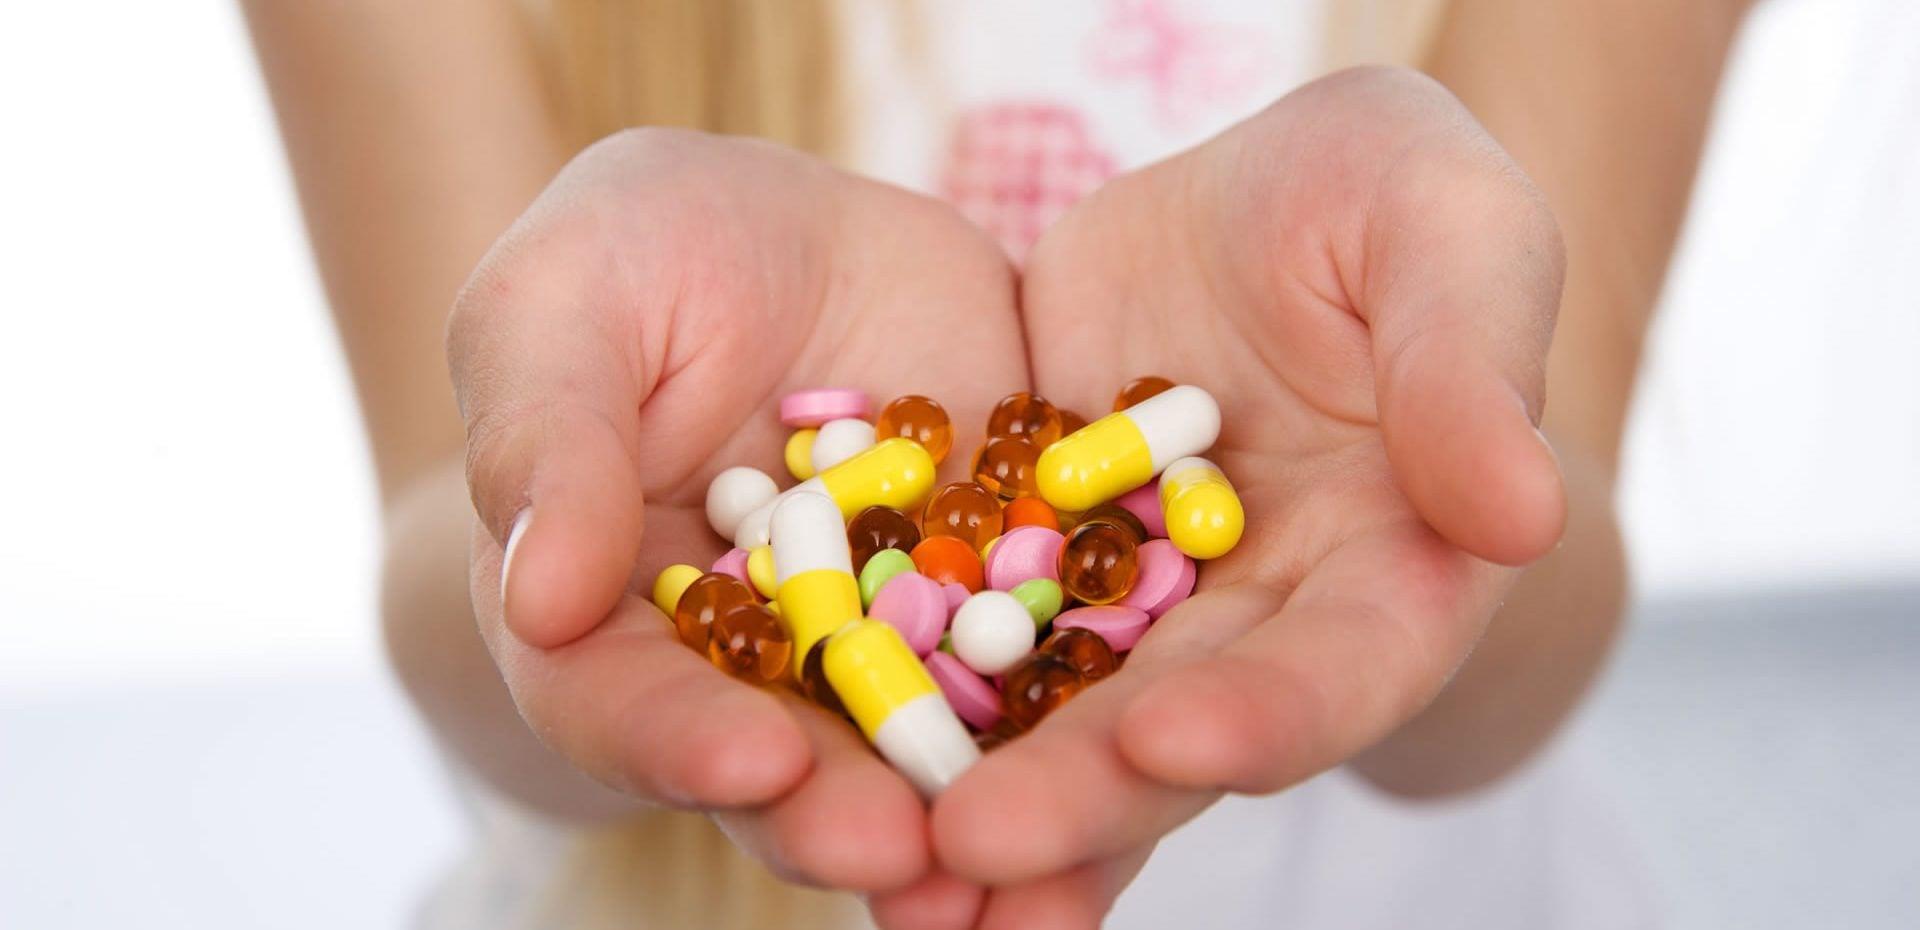 آنچه باید در مورد داروهای ضد اضطراب بدانیم